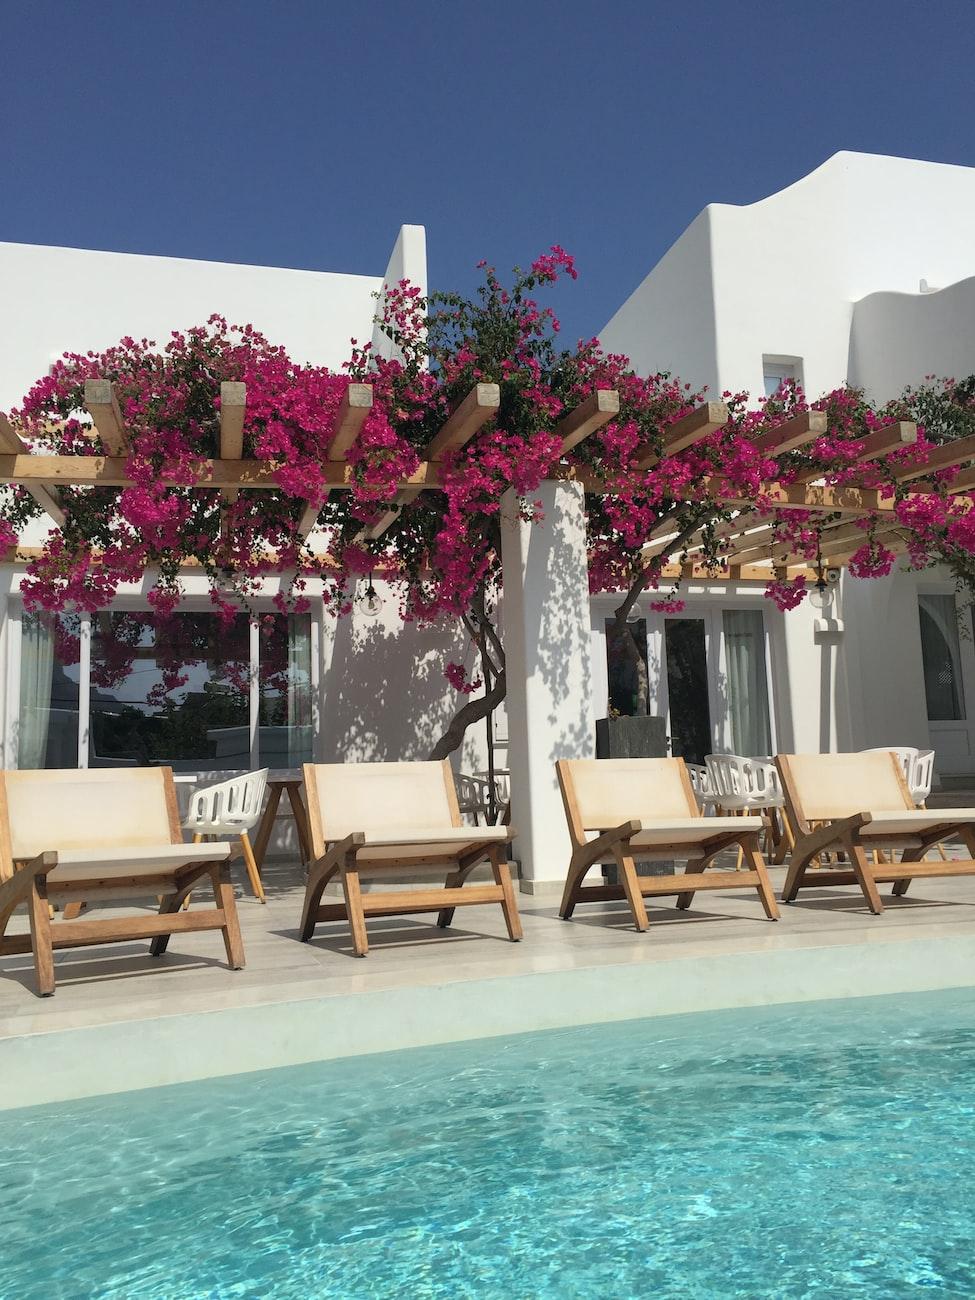 Hus utomlands, Hus i Norra Cypern, Lägenhet i Norra Cypern bild